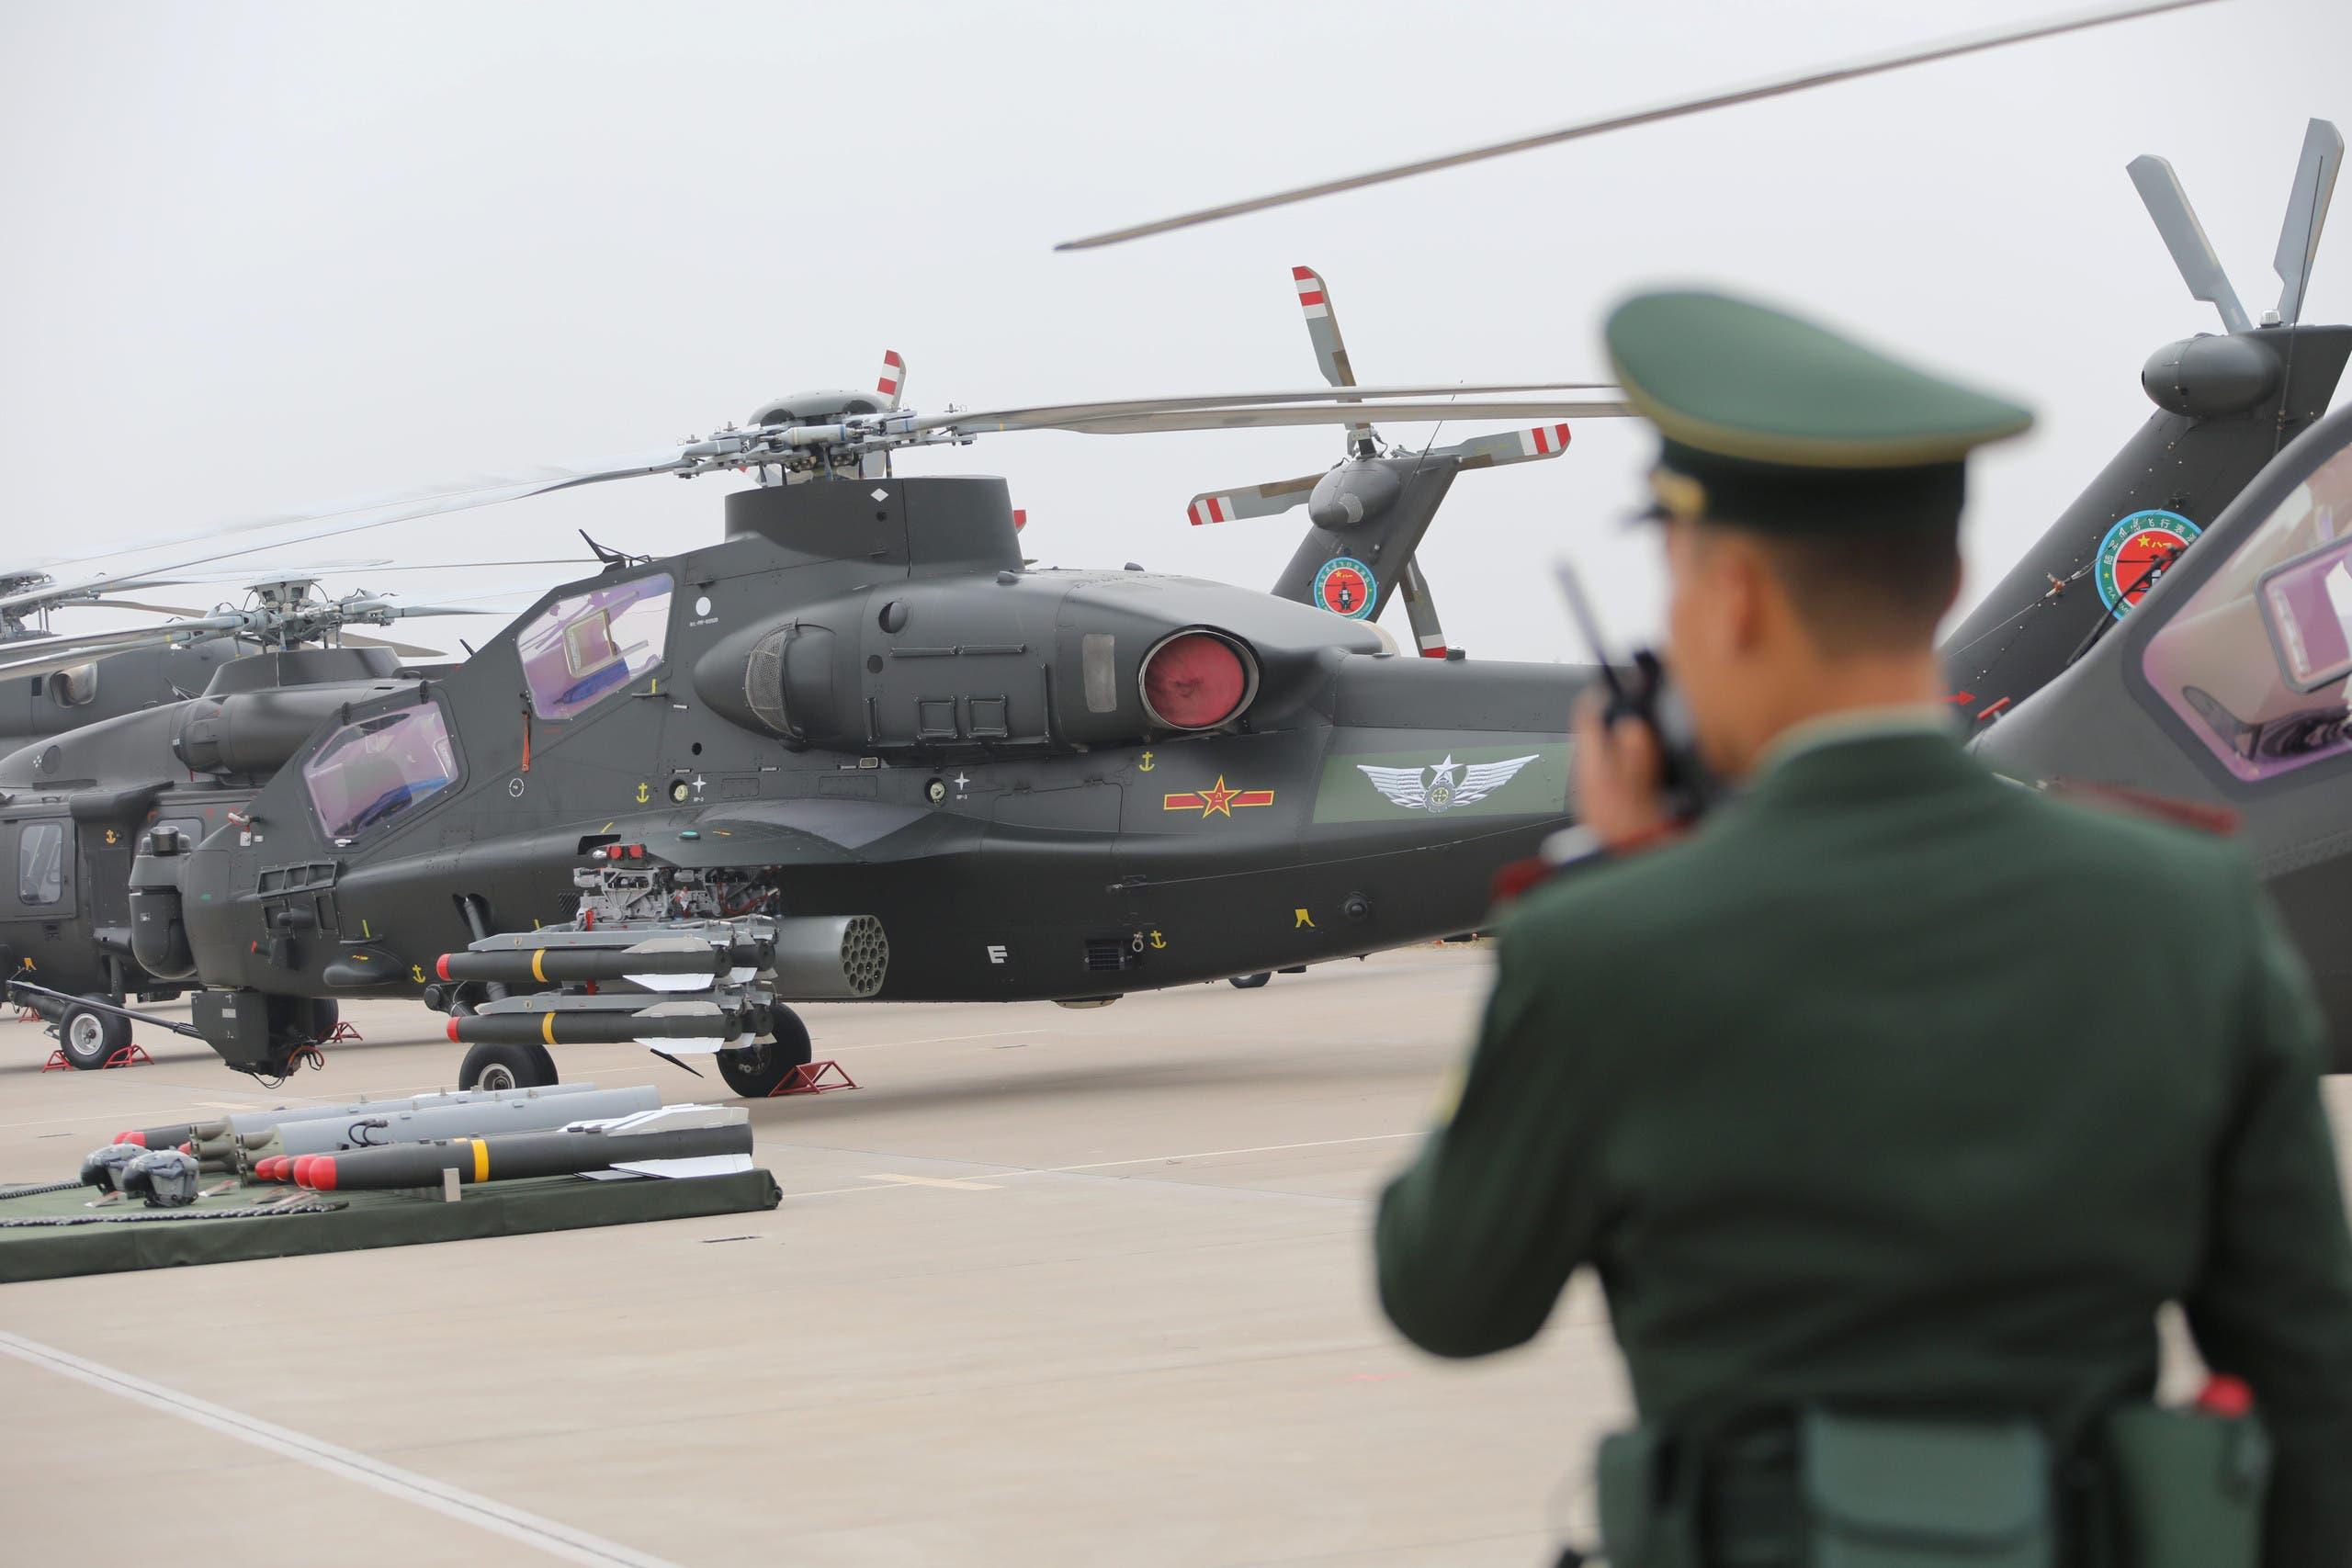 مروحيات عسكرية صينية خلال معرض للجيش الصيني العام الماضي